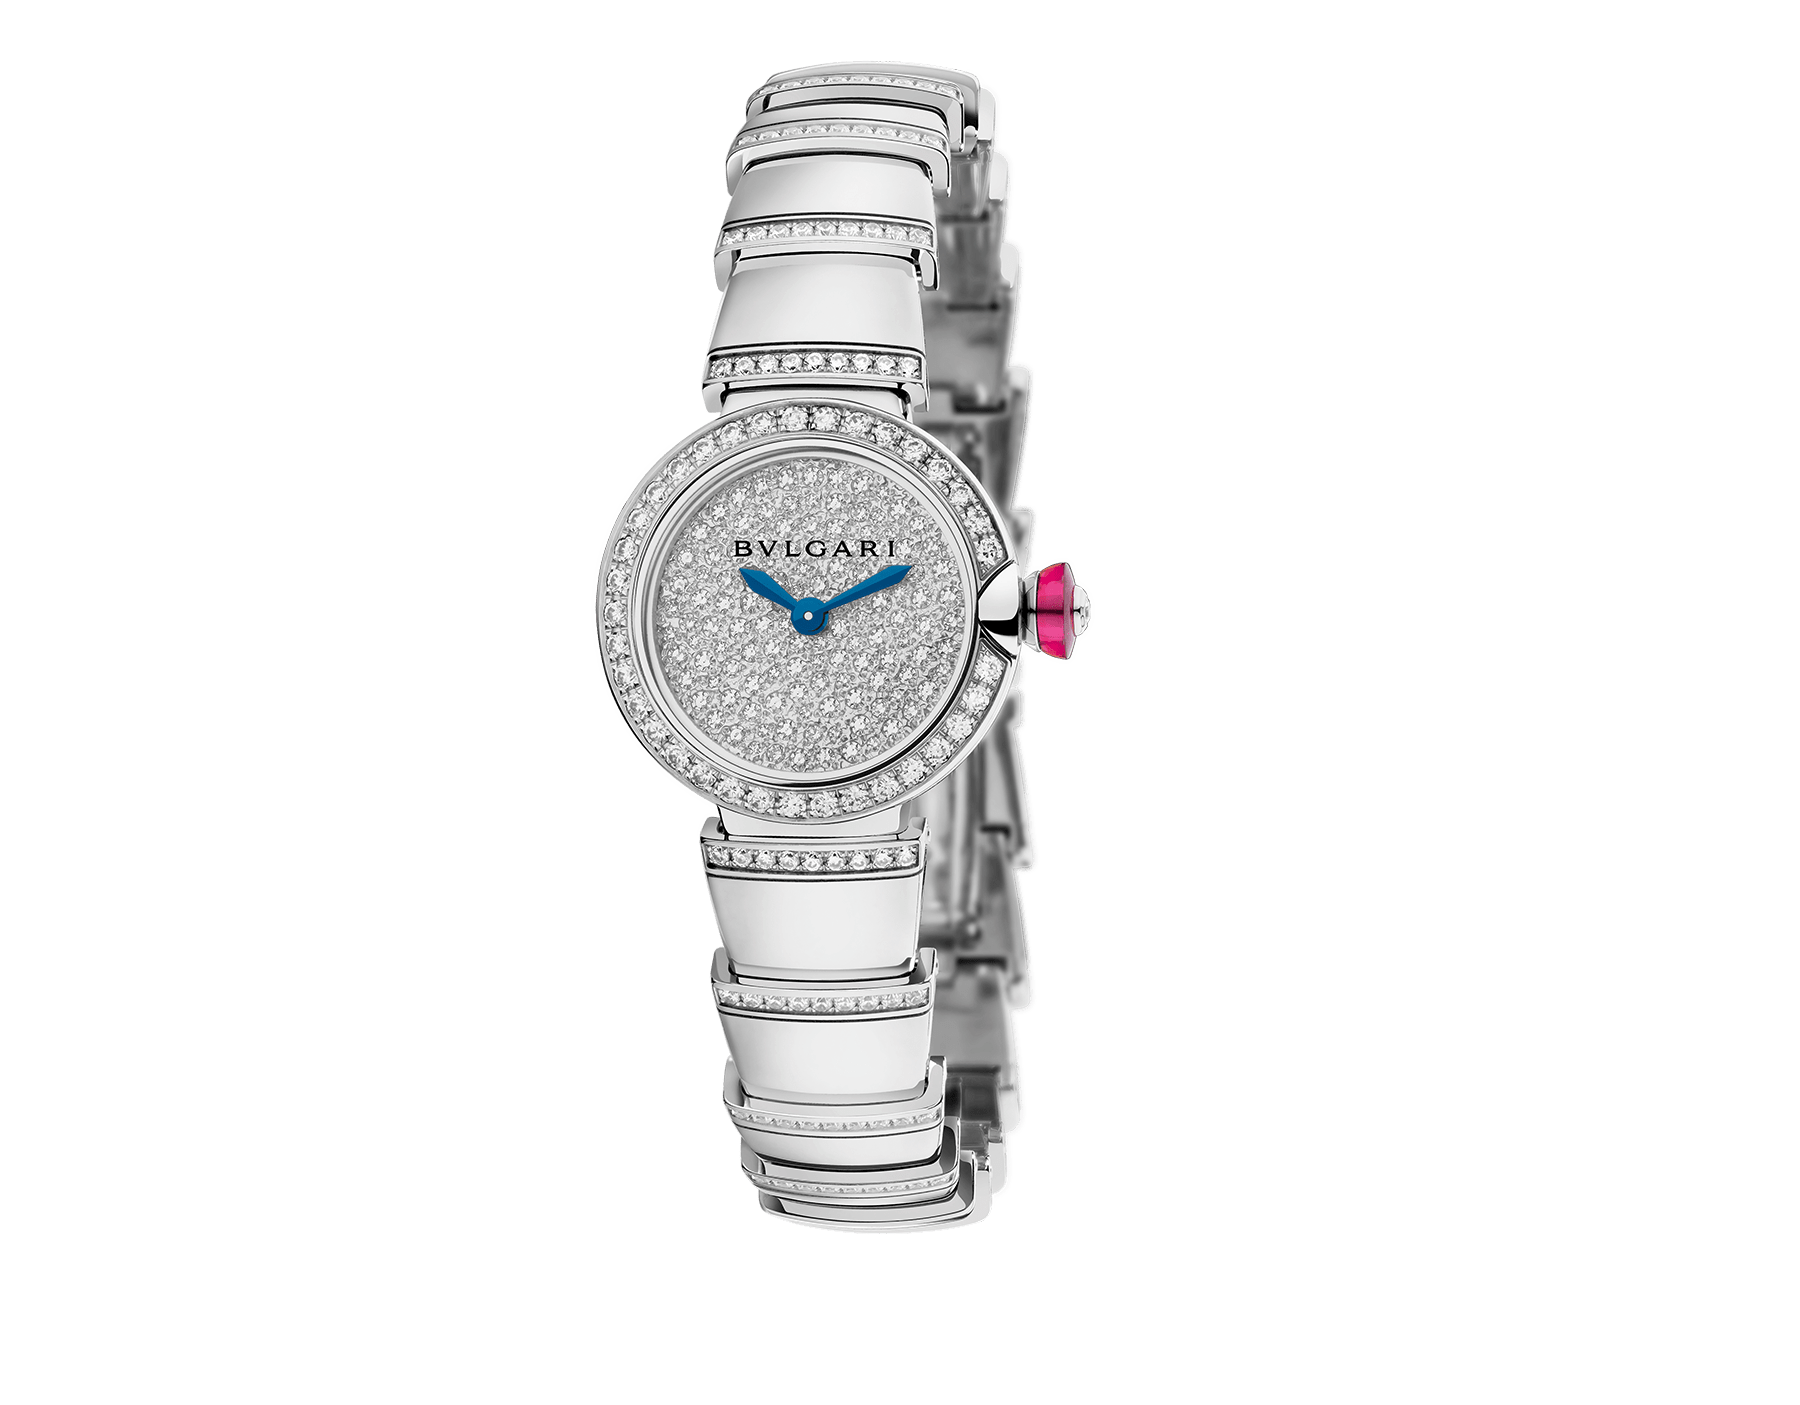 Relógio Piccola Lvcea com caixa e pulseira em ouro branco 18K cravejadas com diamantes lapidação brilhante e mostrador completamente cravejado com pavê de diamantes. 102515 image 1